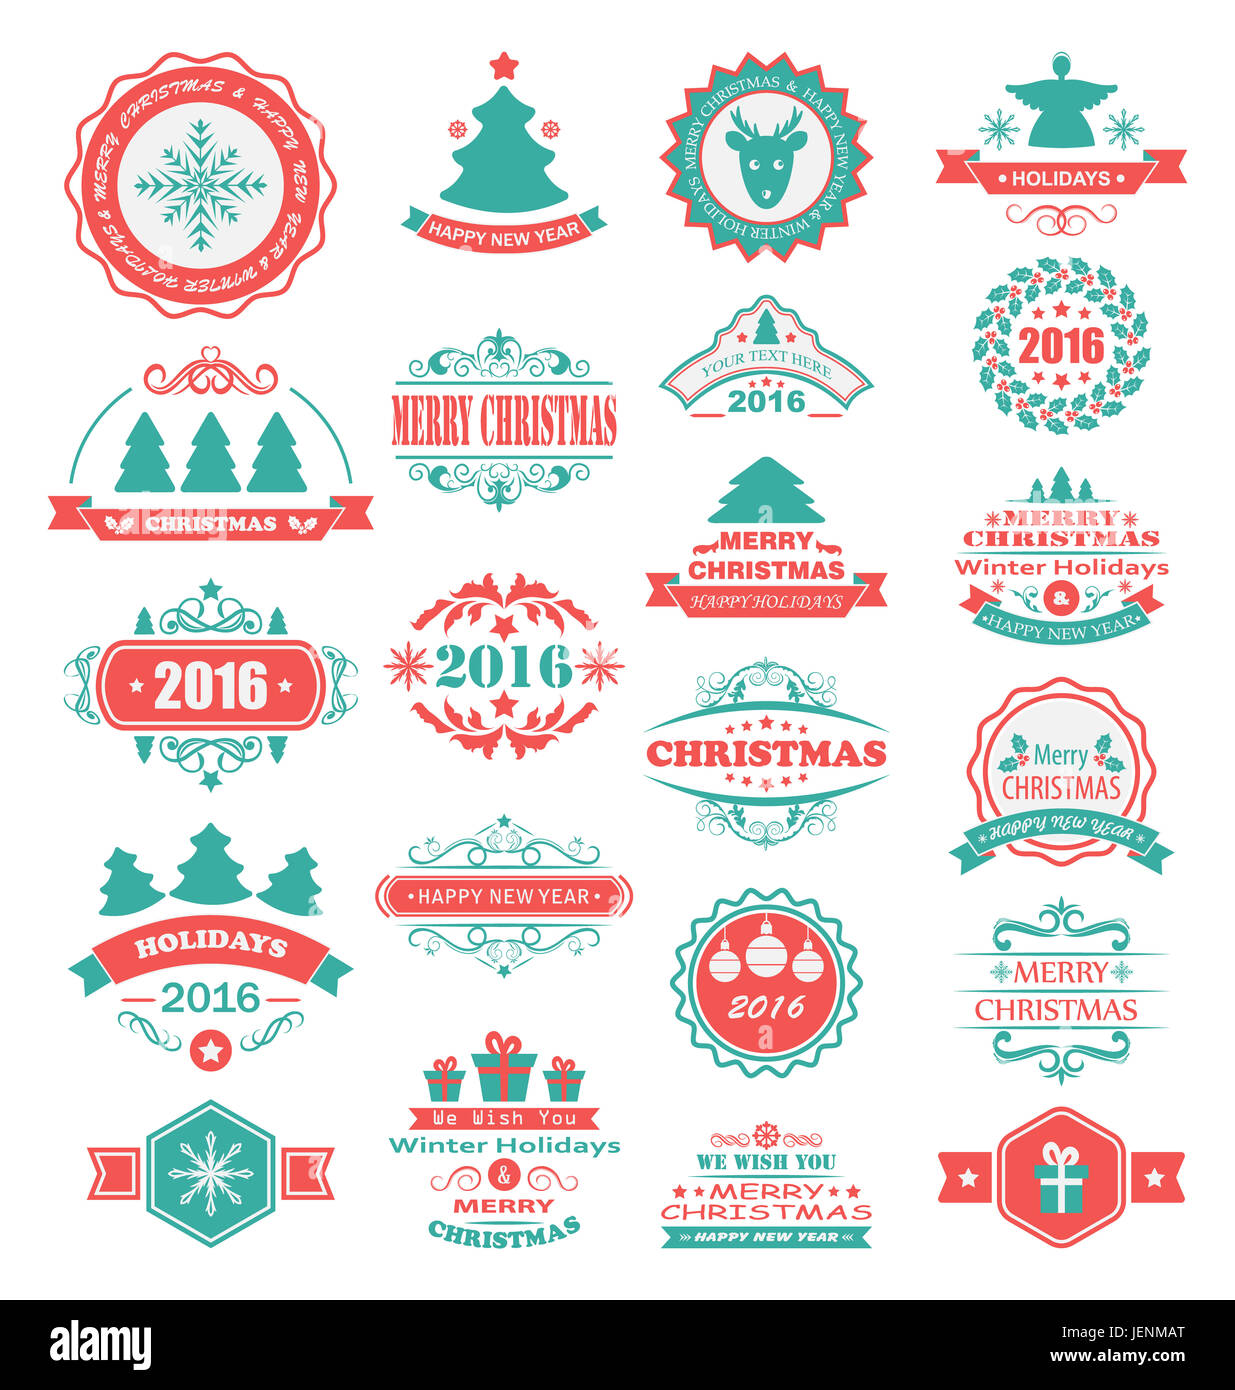 Etiketten Frohe Weihnachten.Abbildung Frohe Weihnachten Und Schöne Feiertage Wünschen